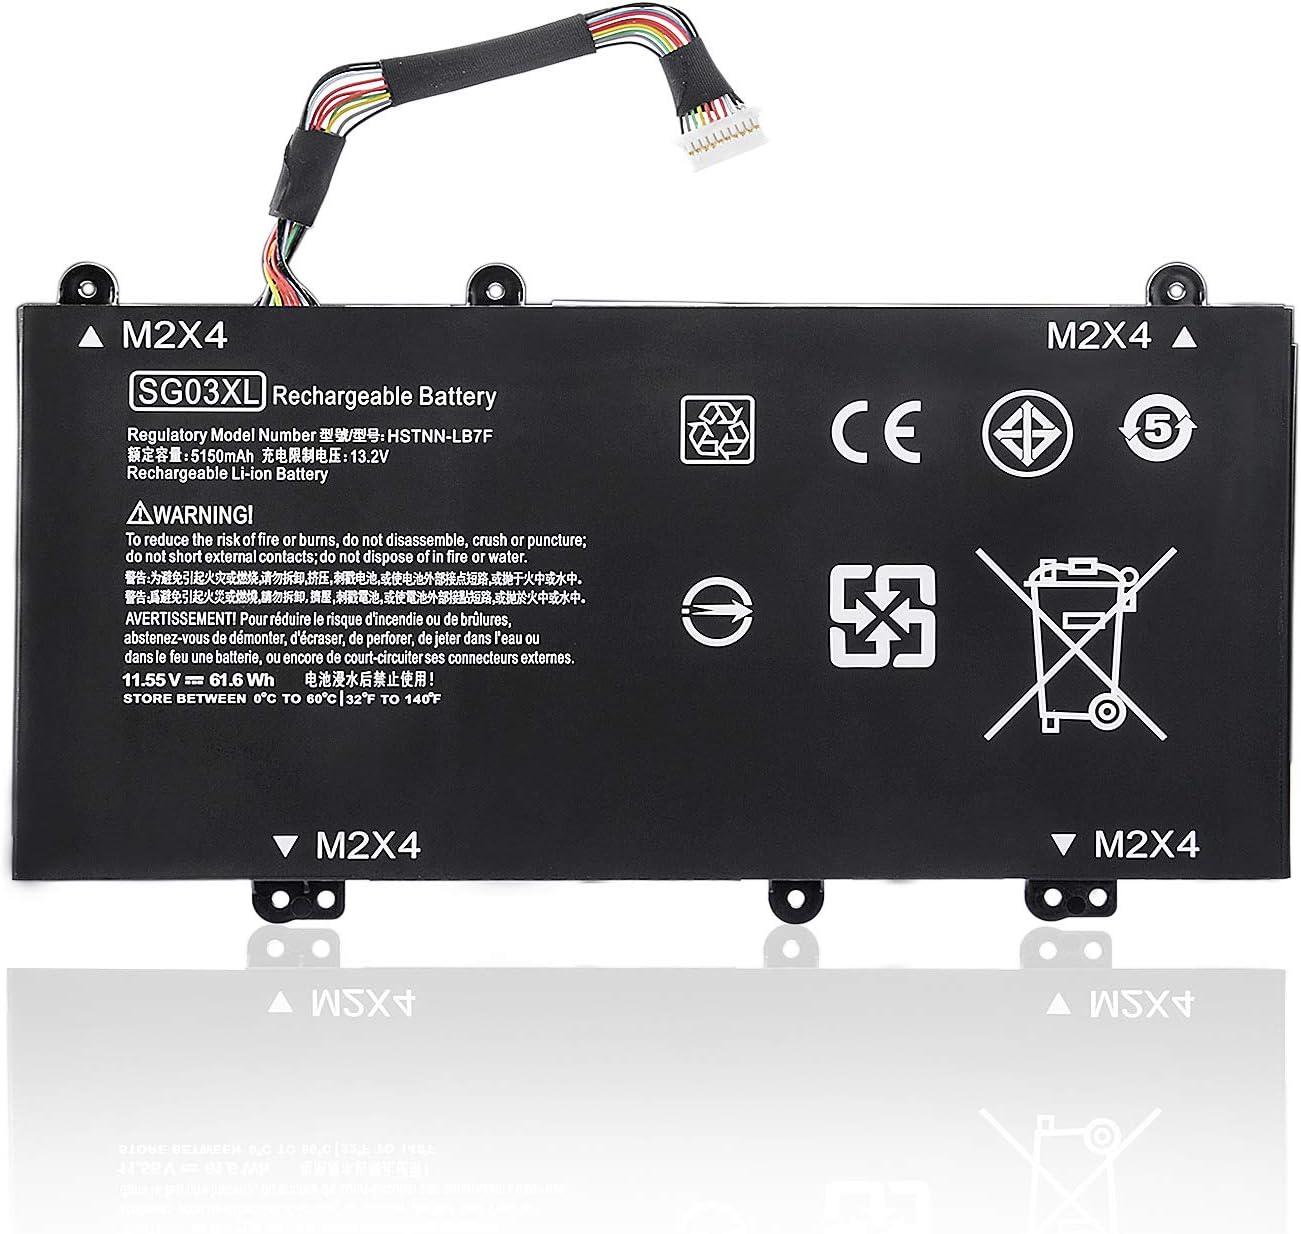 Replacement SG03XL Laptop Battery Compatible with HP Envy M7 M7-U109DX M7-U009DX 17-U011NR 17-U163CL 17-U177CL 849048-421 849049-421 HSTNN-LB7F LB7E 849314-850 849315-850